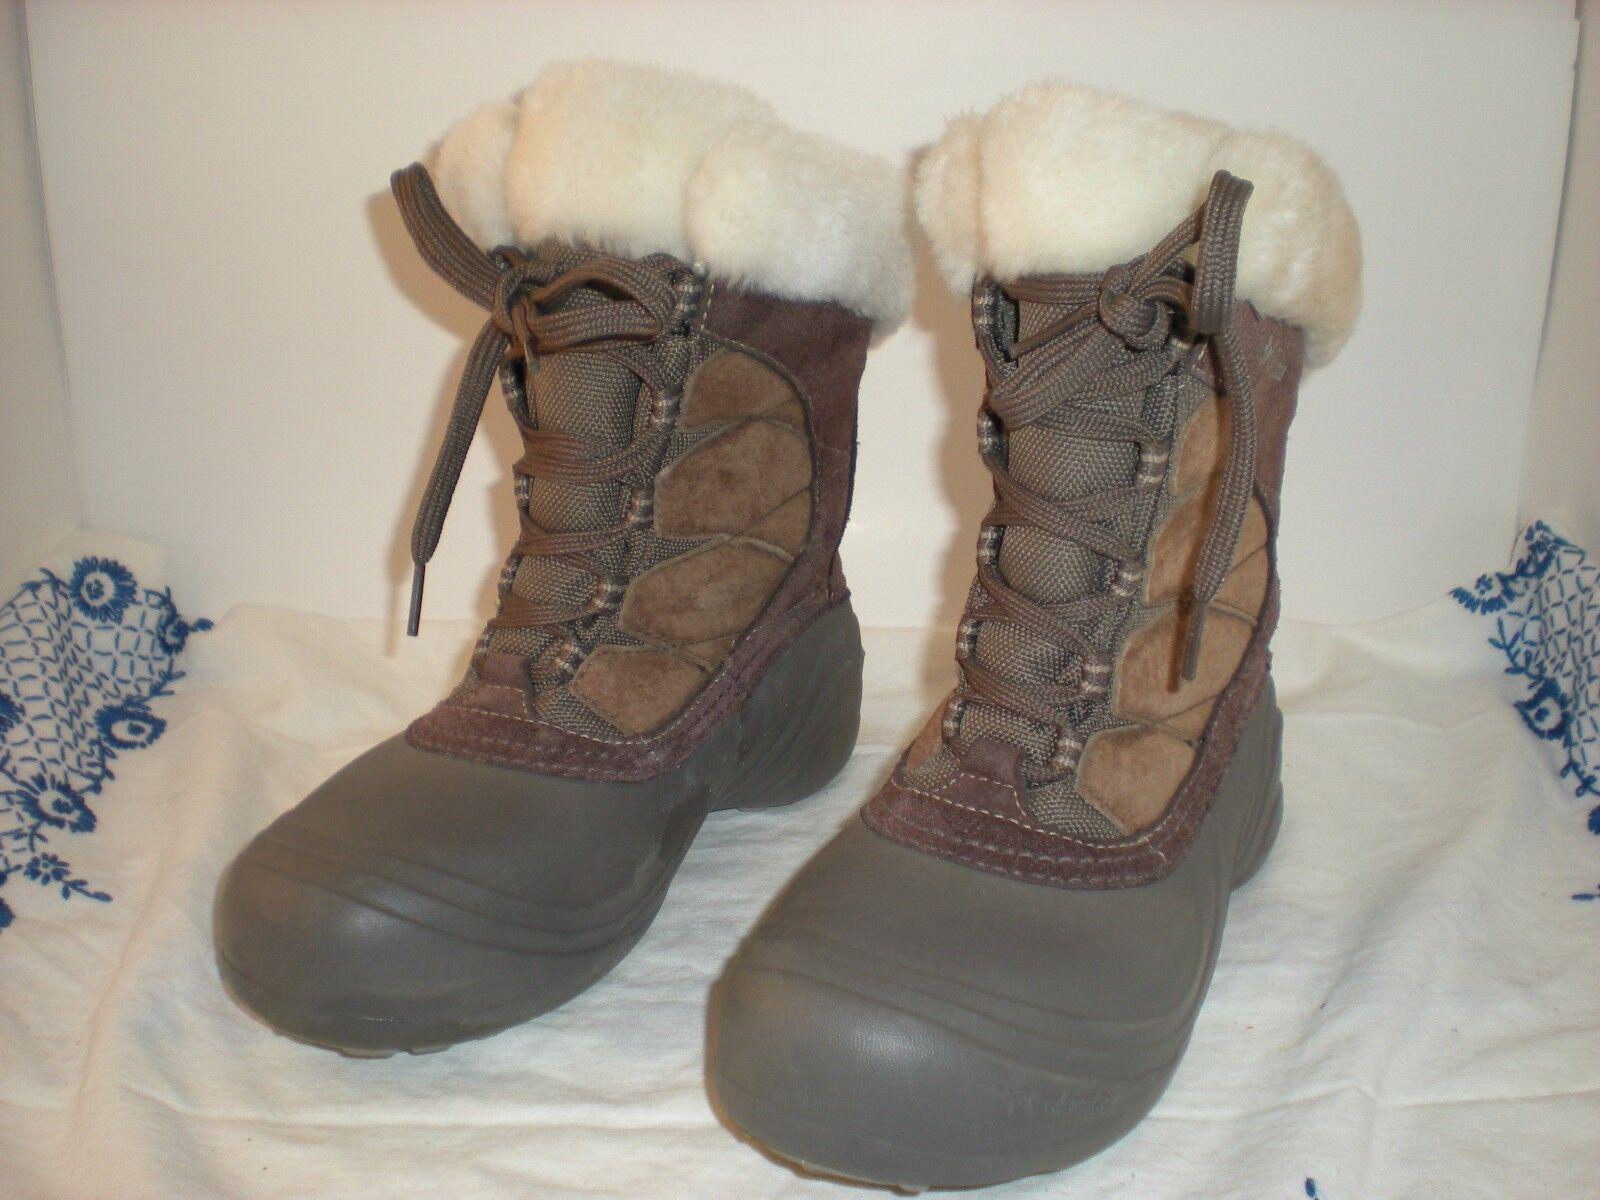 EUC Columbia Sierra Summet 2 Winter Stiefel with Thermolite Größe 6 BL1371-255